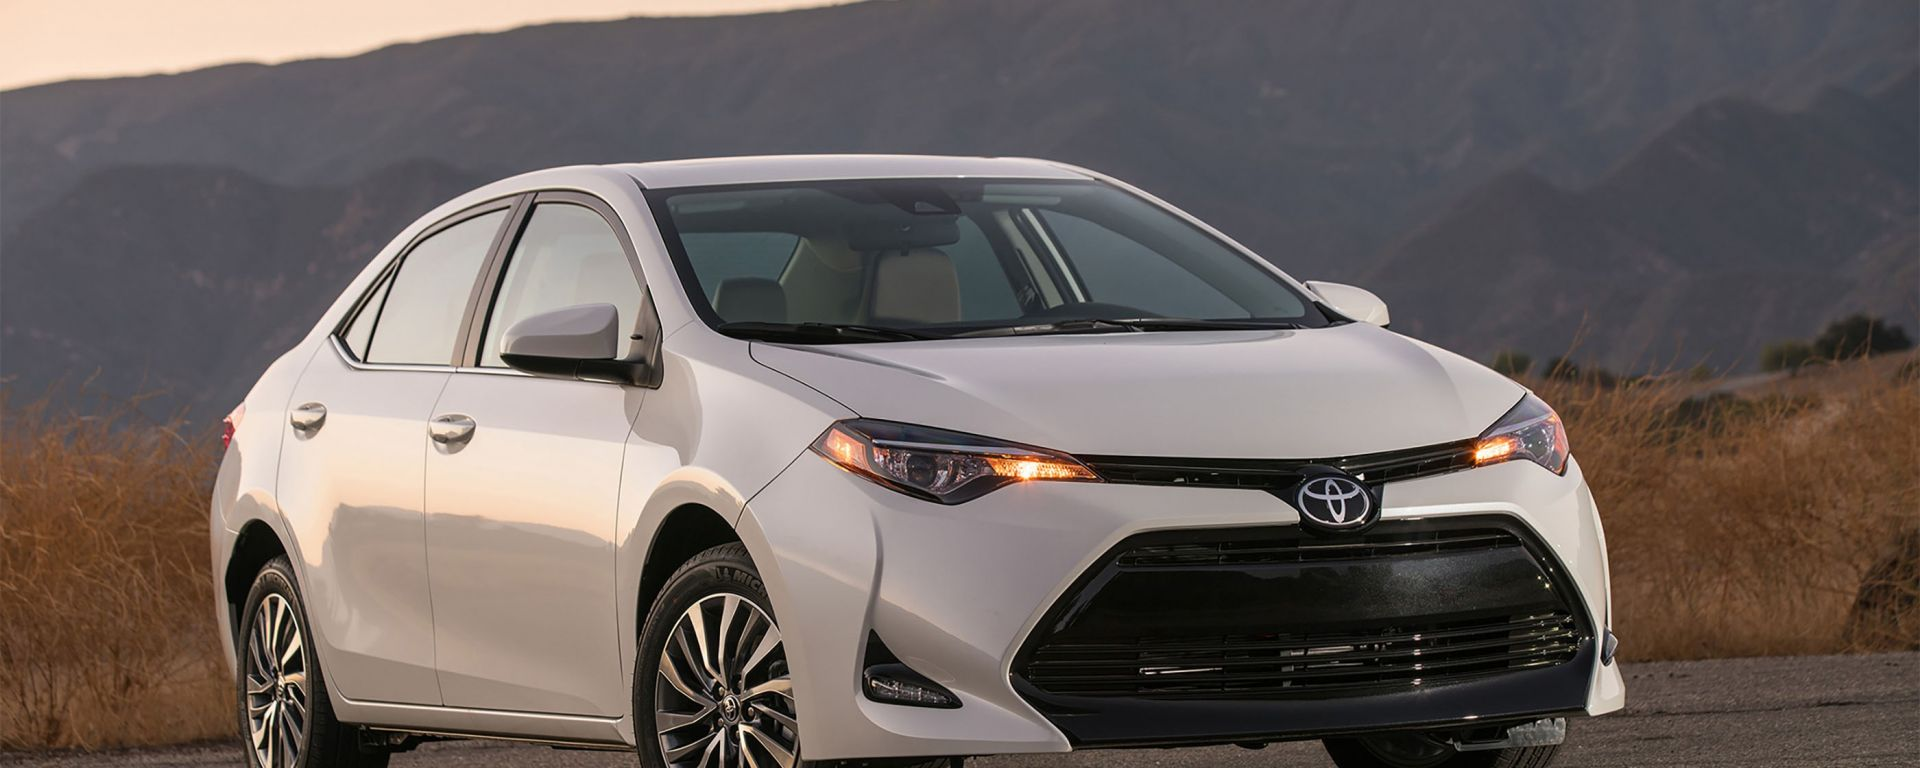 Le auto più vendute del 2016: la Toyota Corolla domina la classifica